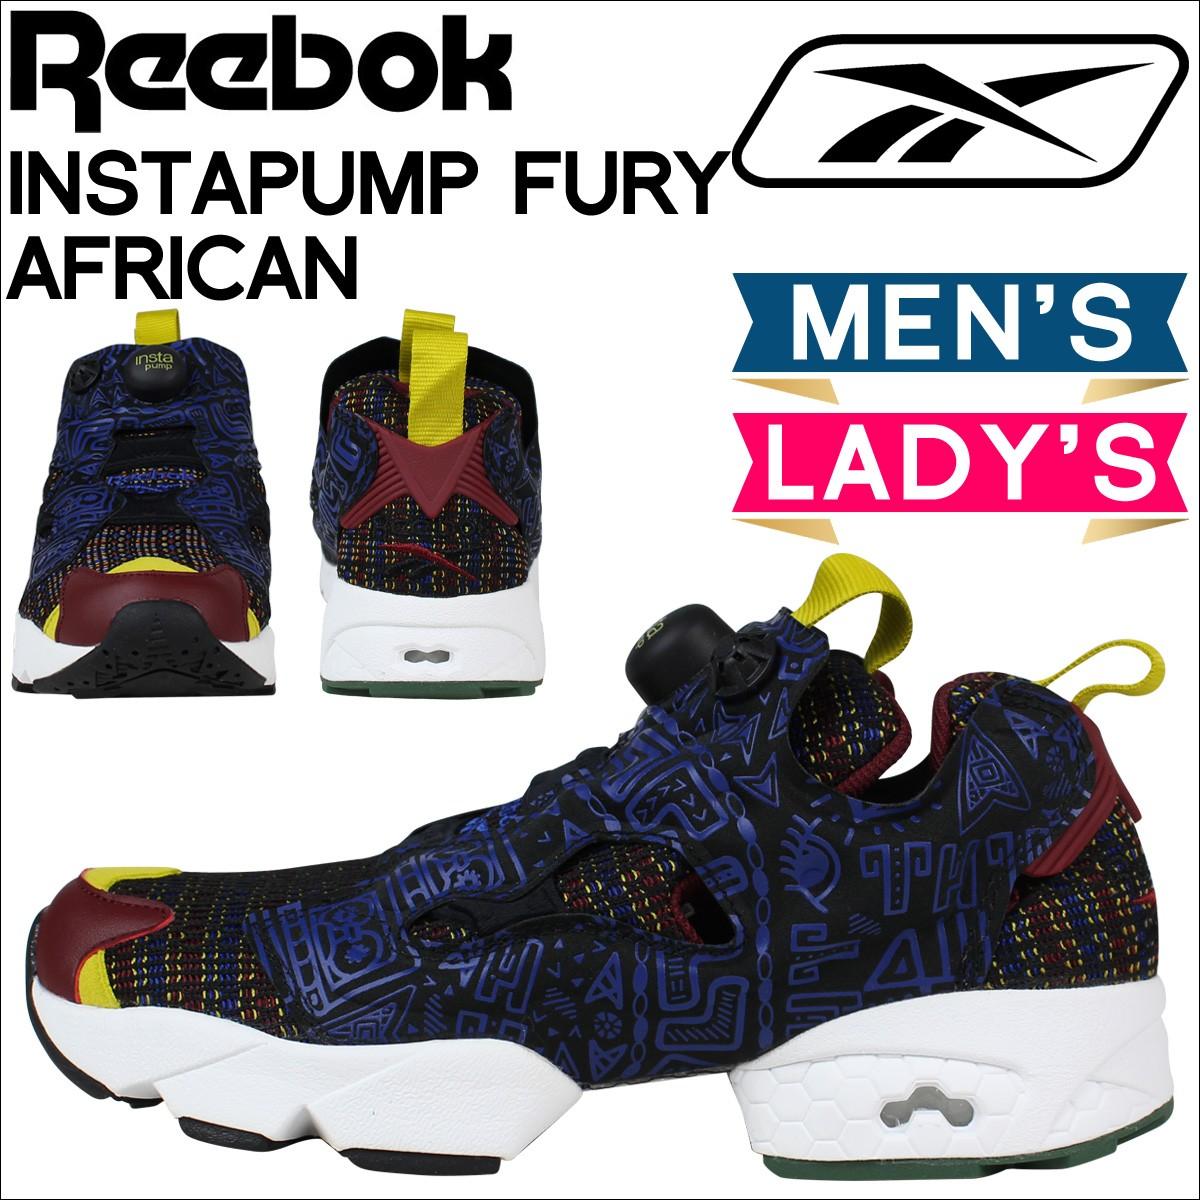 リーボック ポンプフューリー スニーカー Reebok INSTAPUMP FURY AFRICAN スニーカー メンズ レディース 靴 ブラック AR1706 [予約商品 1/26頃入荷予定 追加入荷]